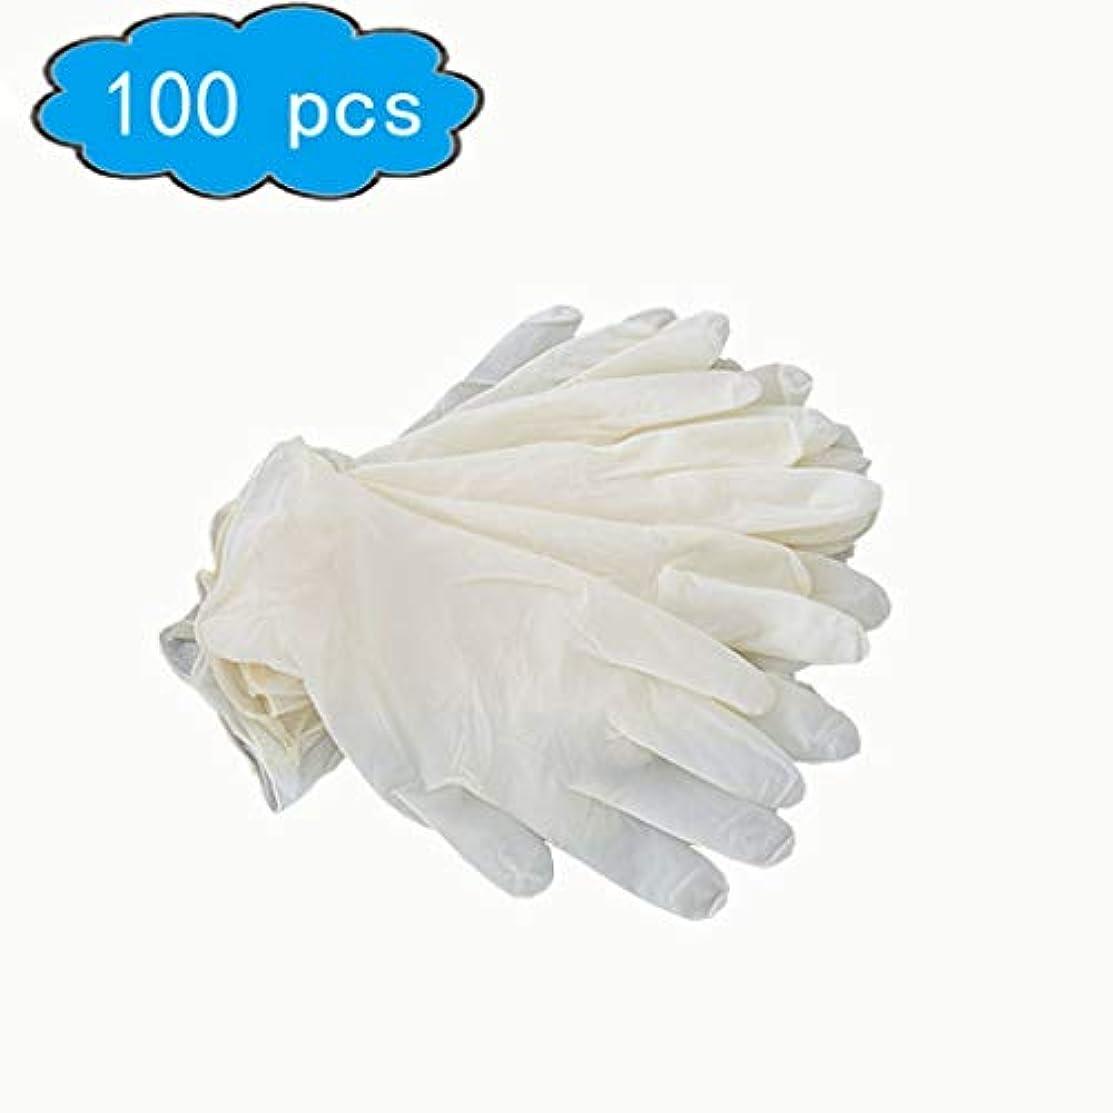 子羊有利ツーリストラテックスゴム手袋パウダーフリー/使い捨て食品調理用手袋/キッチンフードサービスクリーニンググローブサイズ中型、100個入り、応急処置用品 (Color : Beige, Size : L)